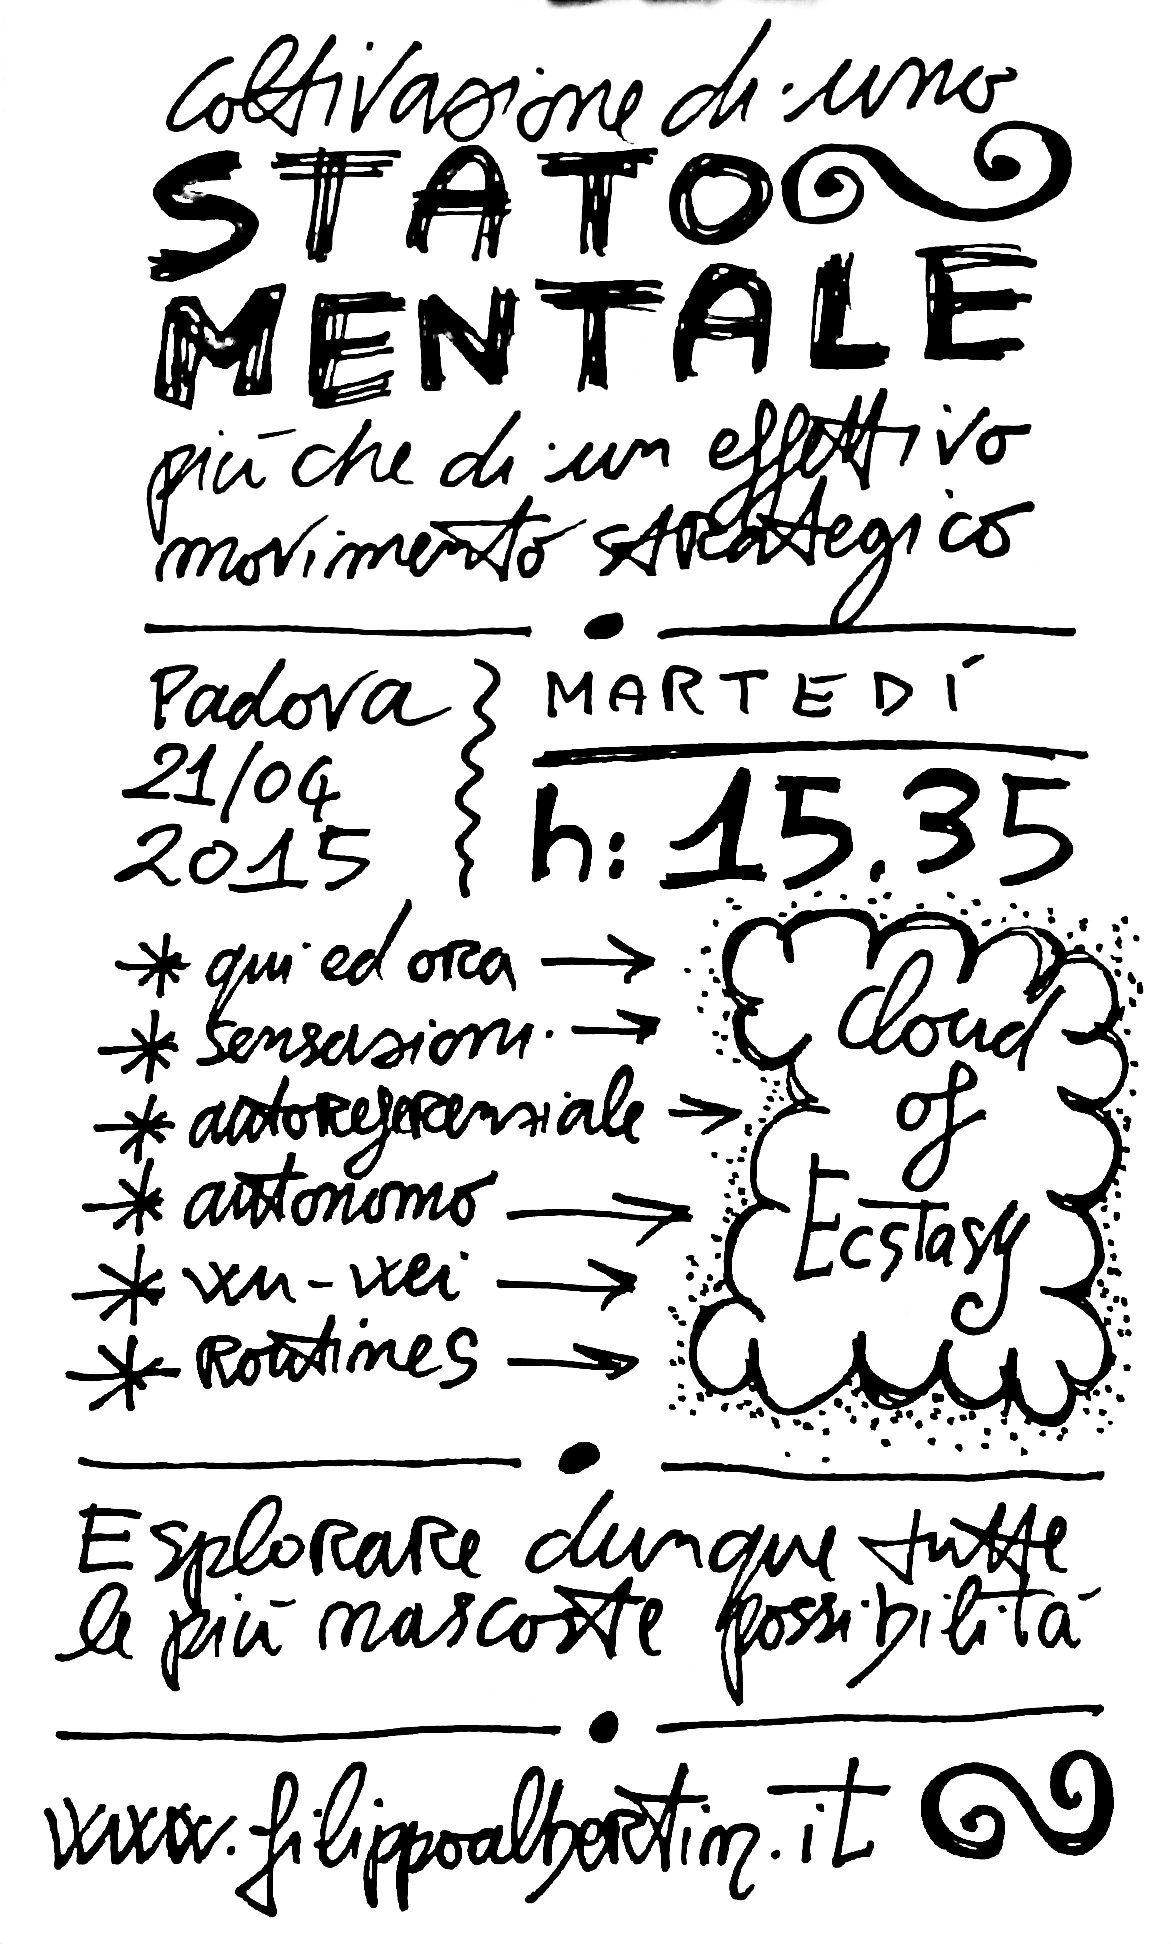 Una sketchnote annotata al parco, direttamente su di un comodo taccuino field notes che porto sempre con me.